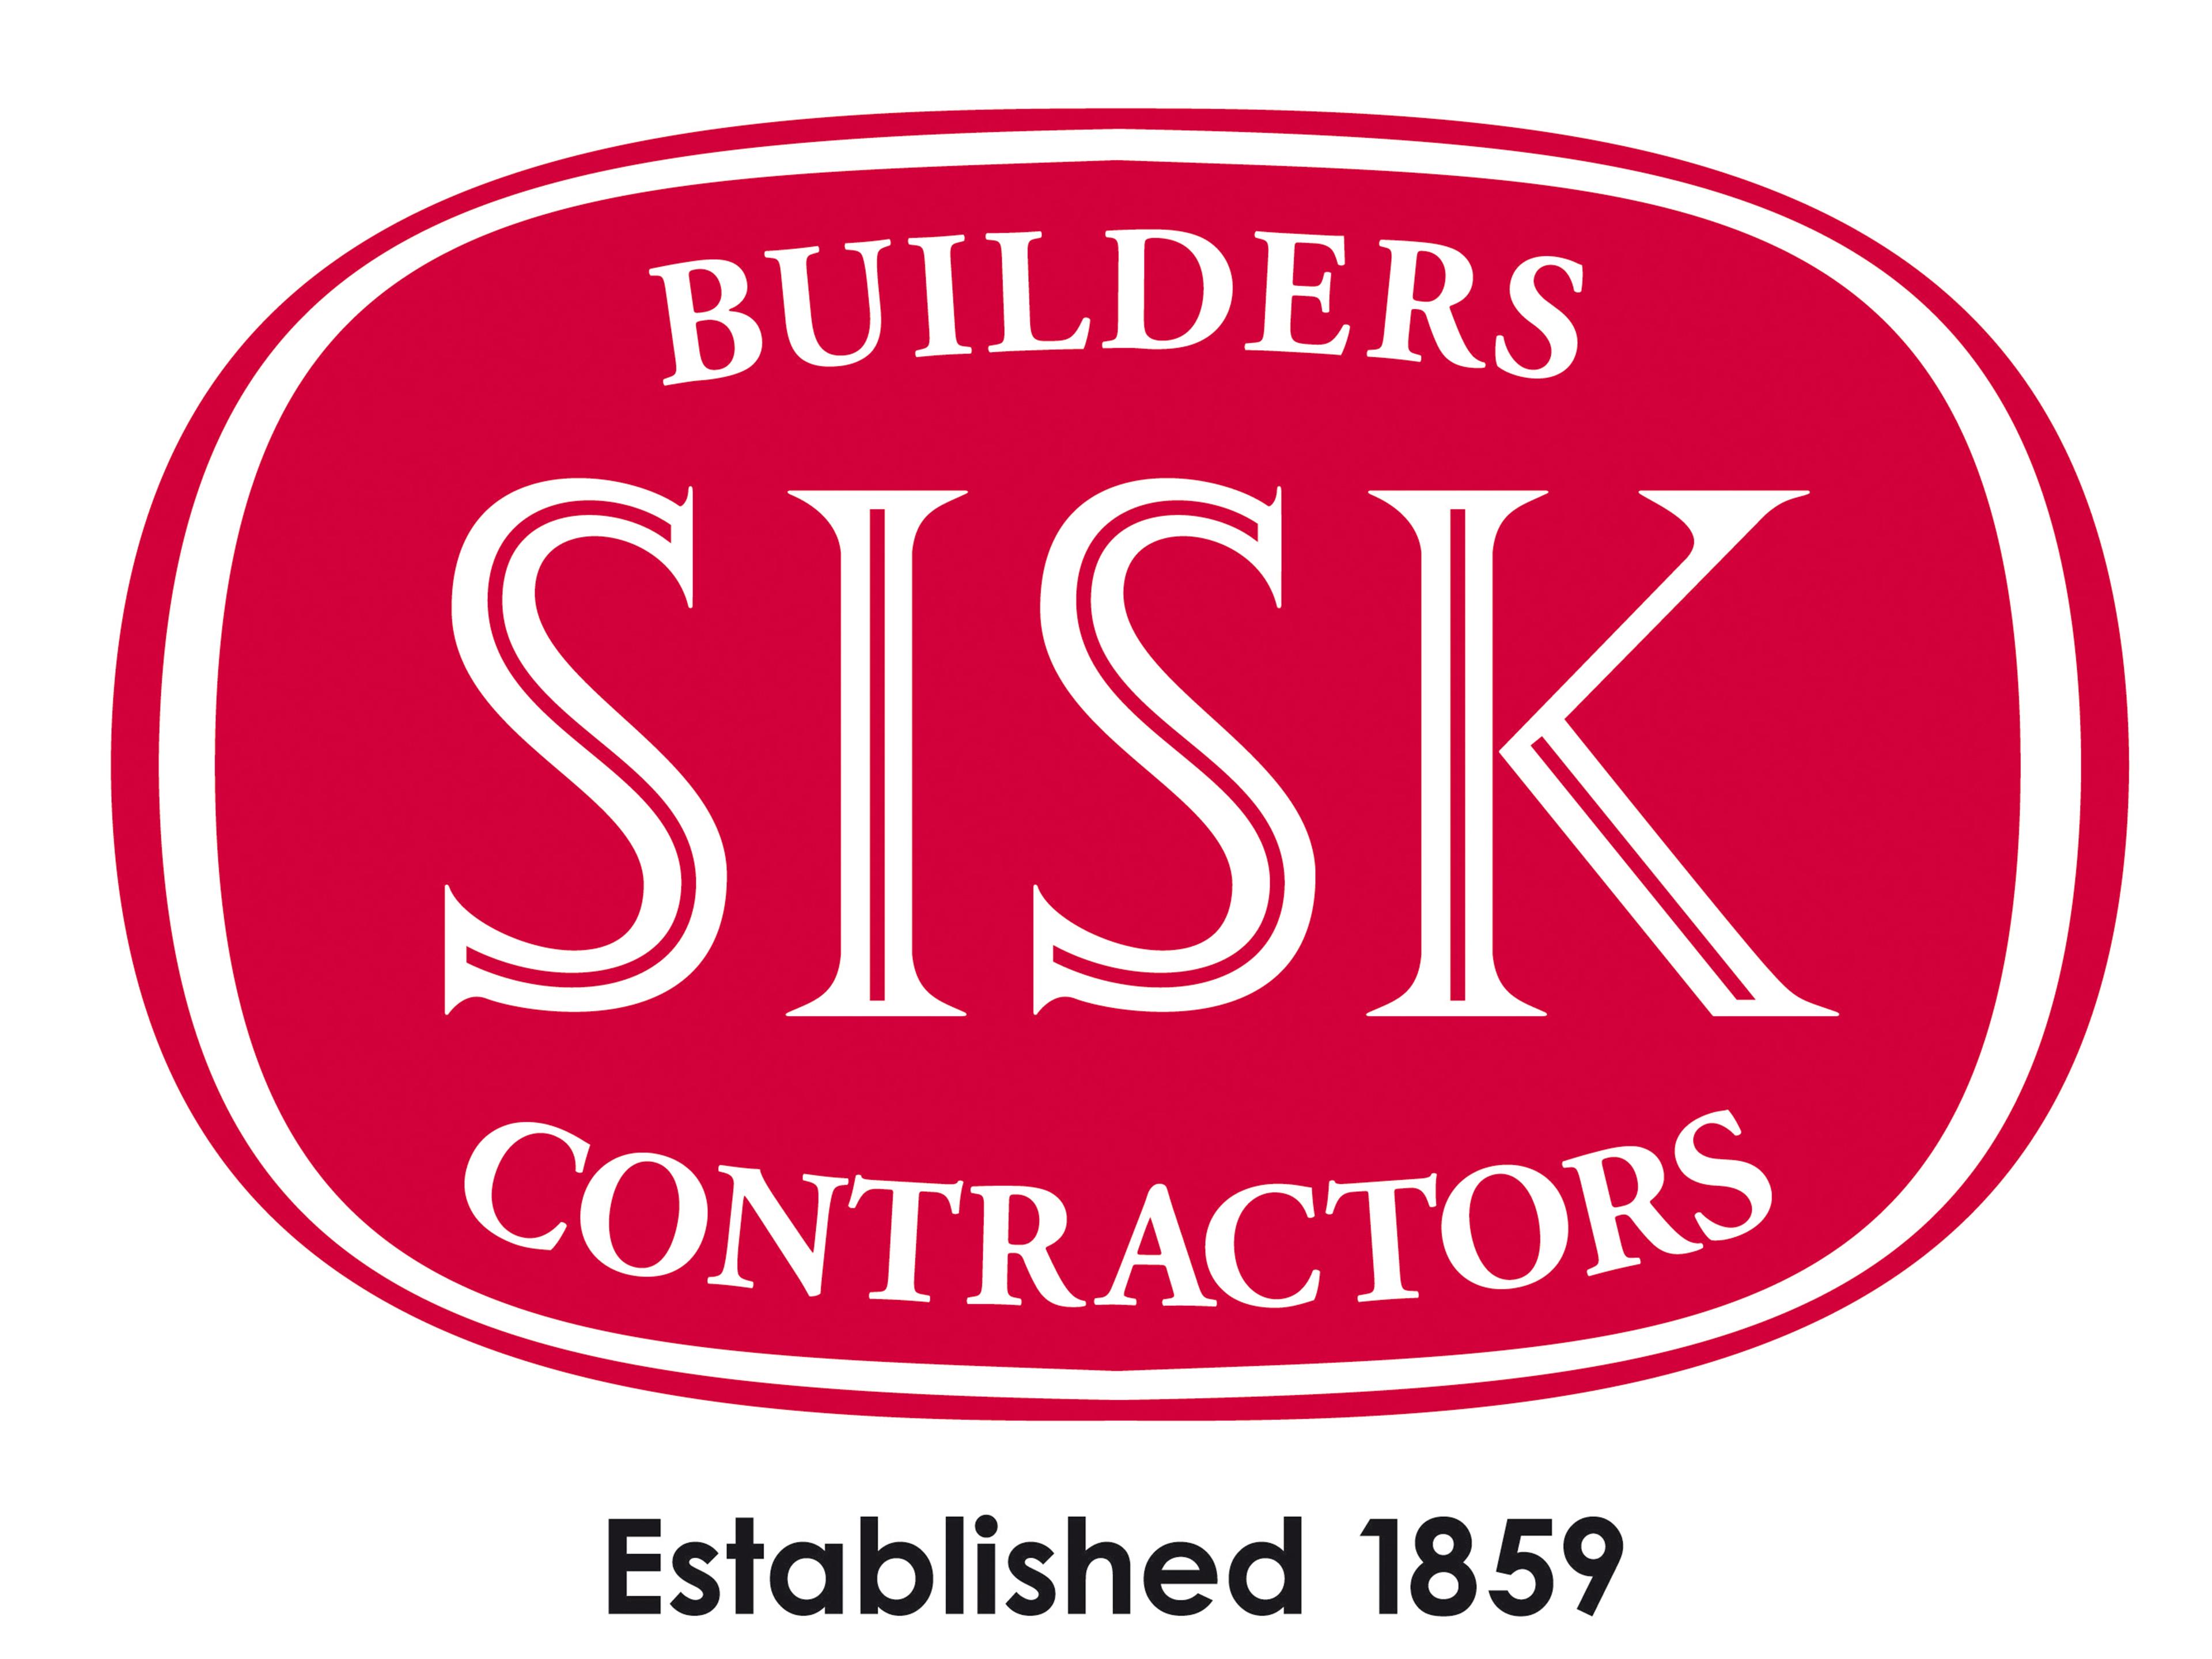 John Sisk Son Logo